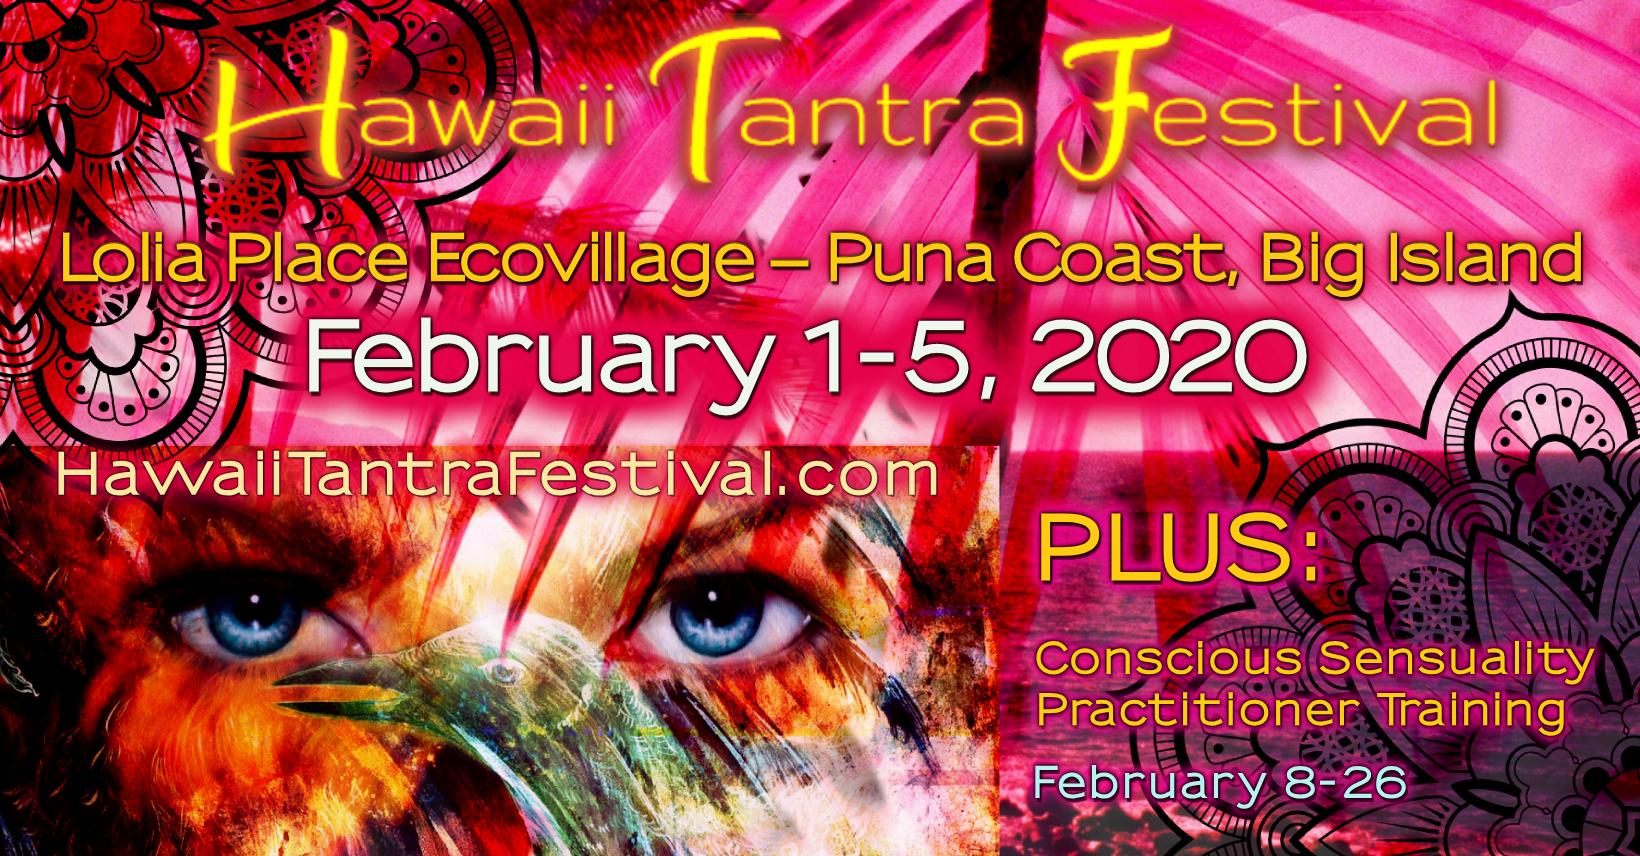 Events Calendar - Everyday Tantra